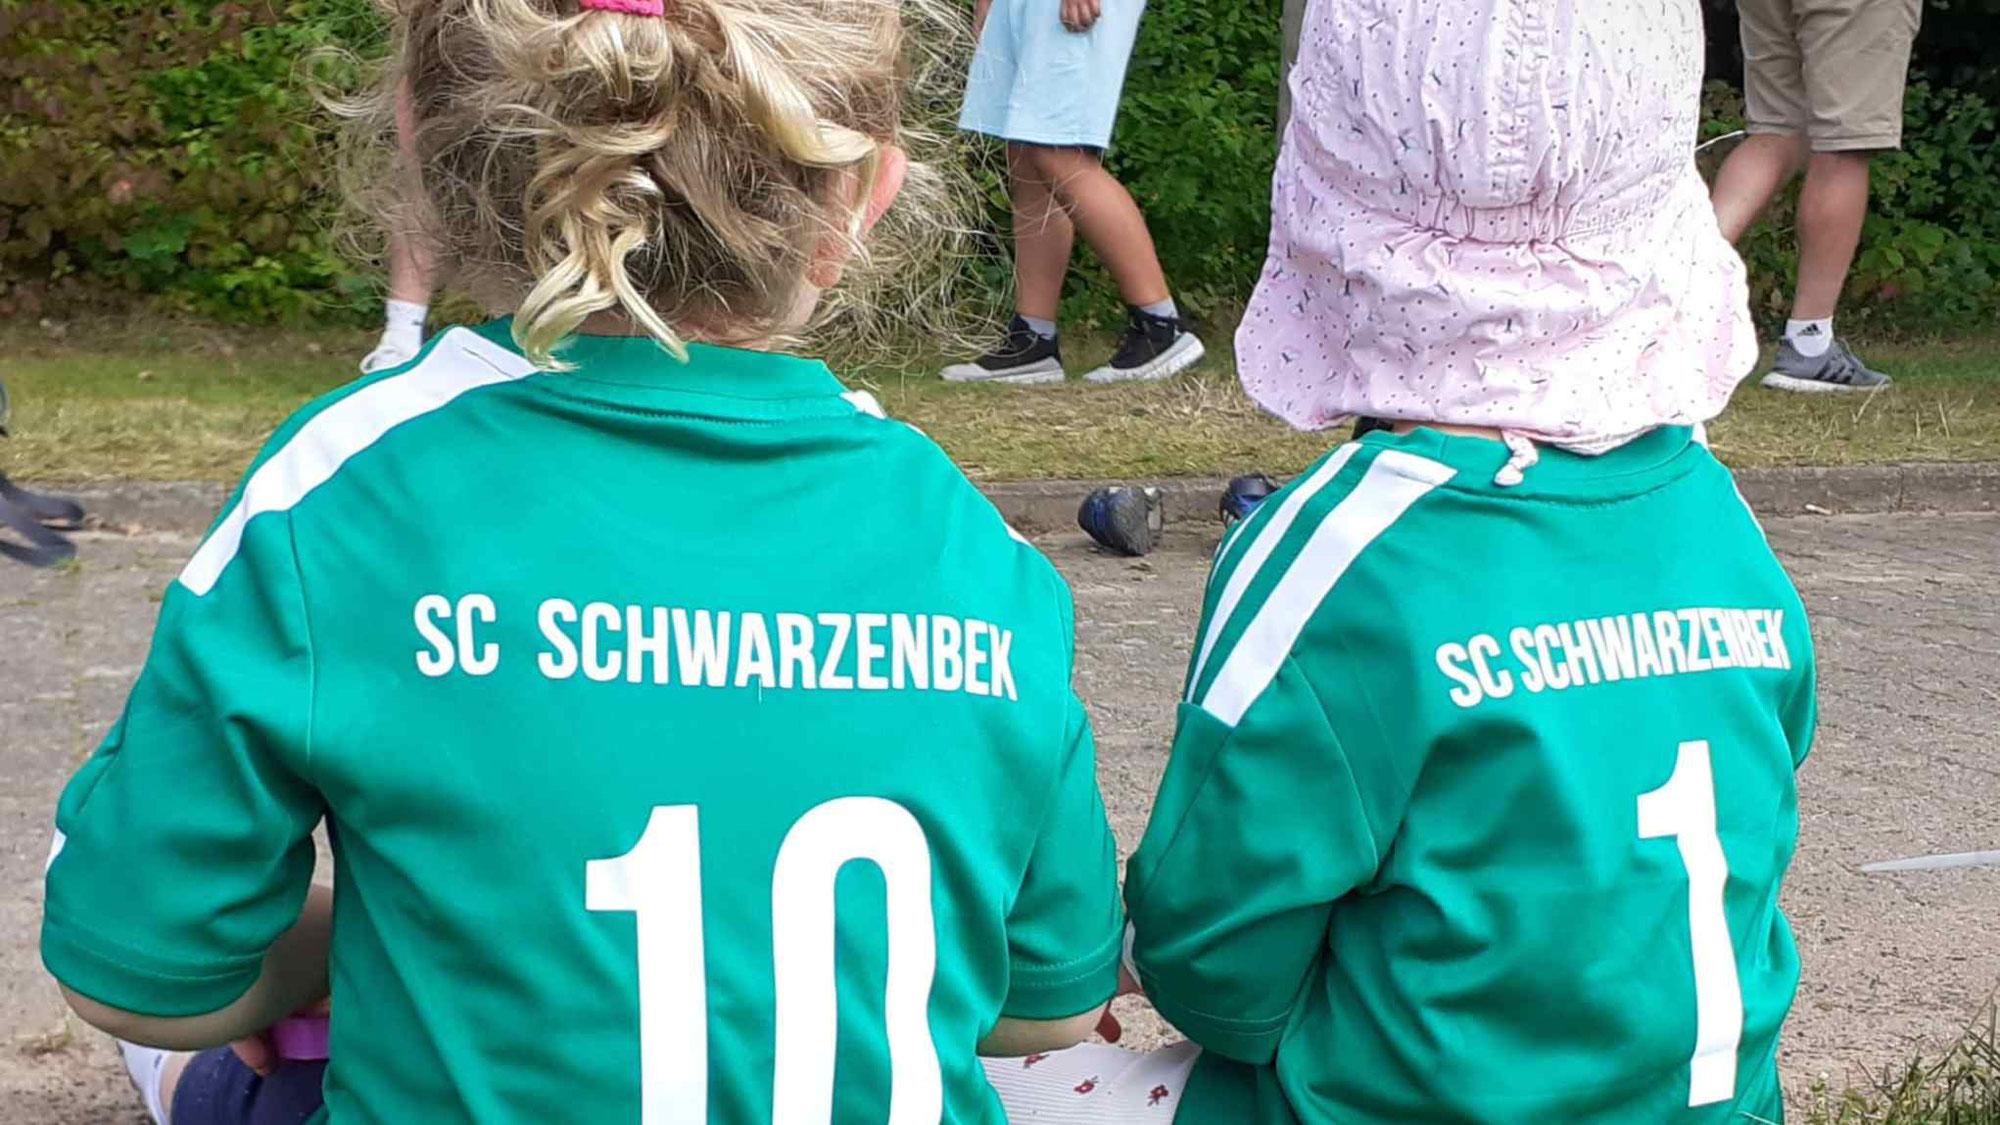 Das machte auch unseren kleinsten Fans Spaß - Erste siegt in Bergedorf